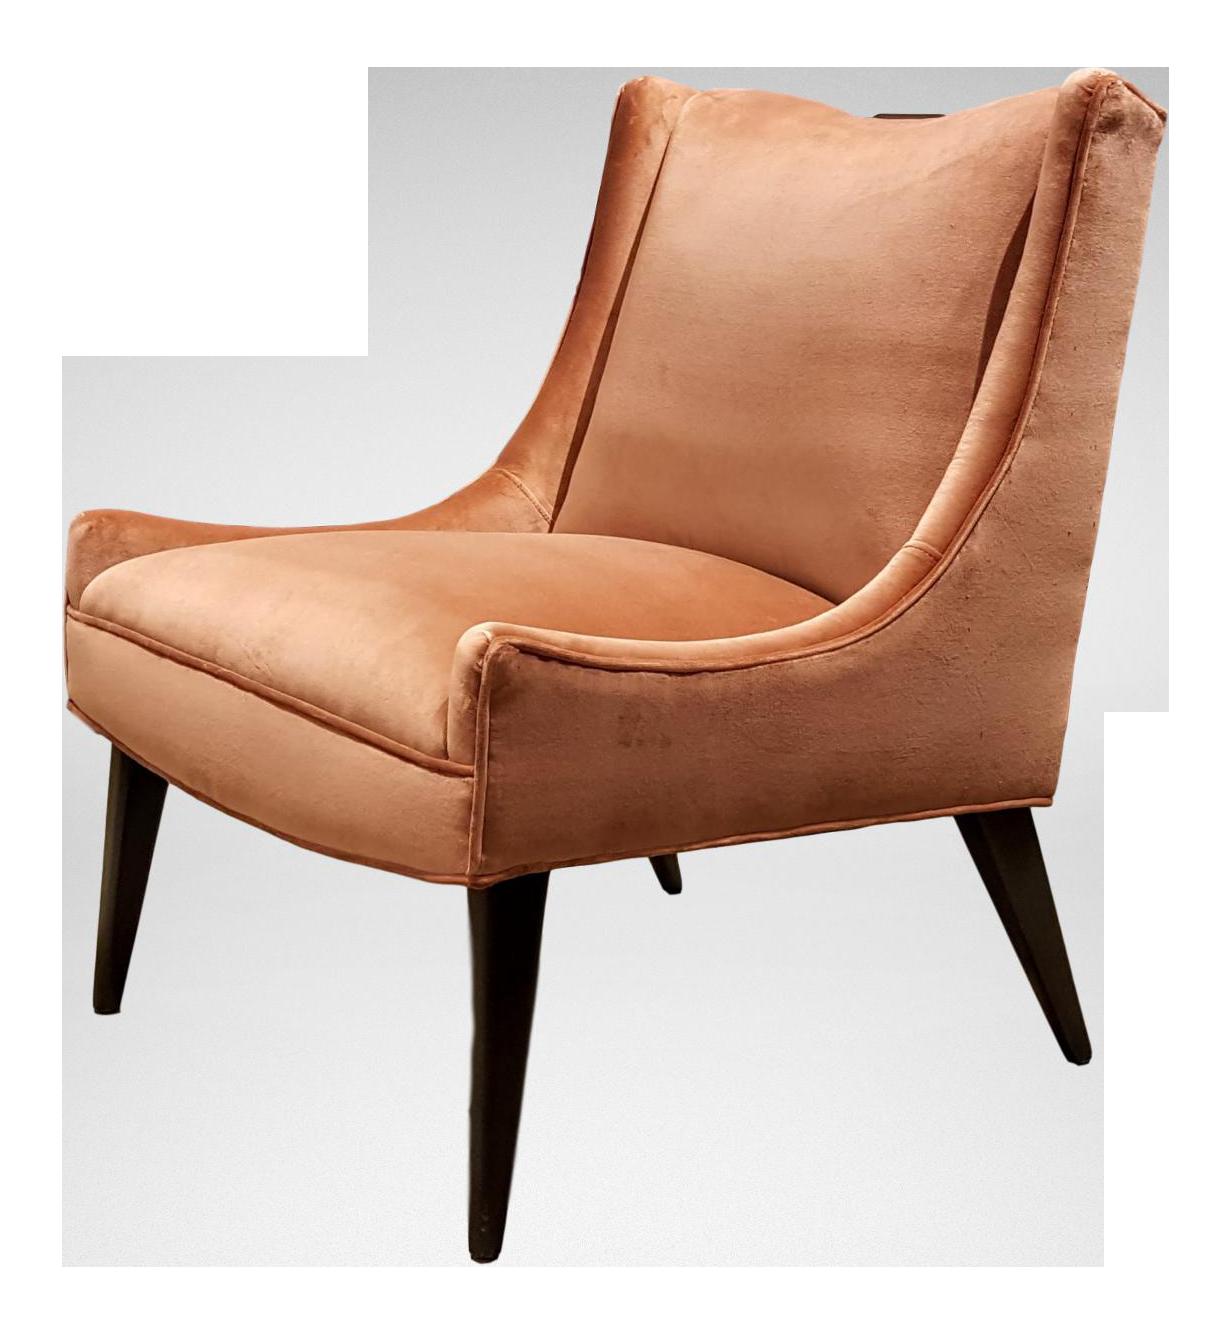 Slipper Chair Harvey Probber Salmon Velvet Slipper Chair Chairish